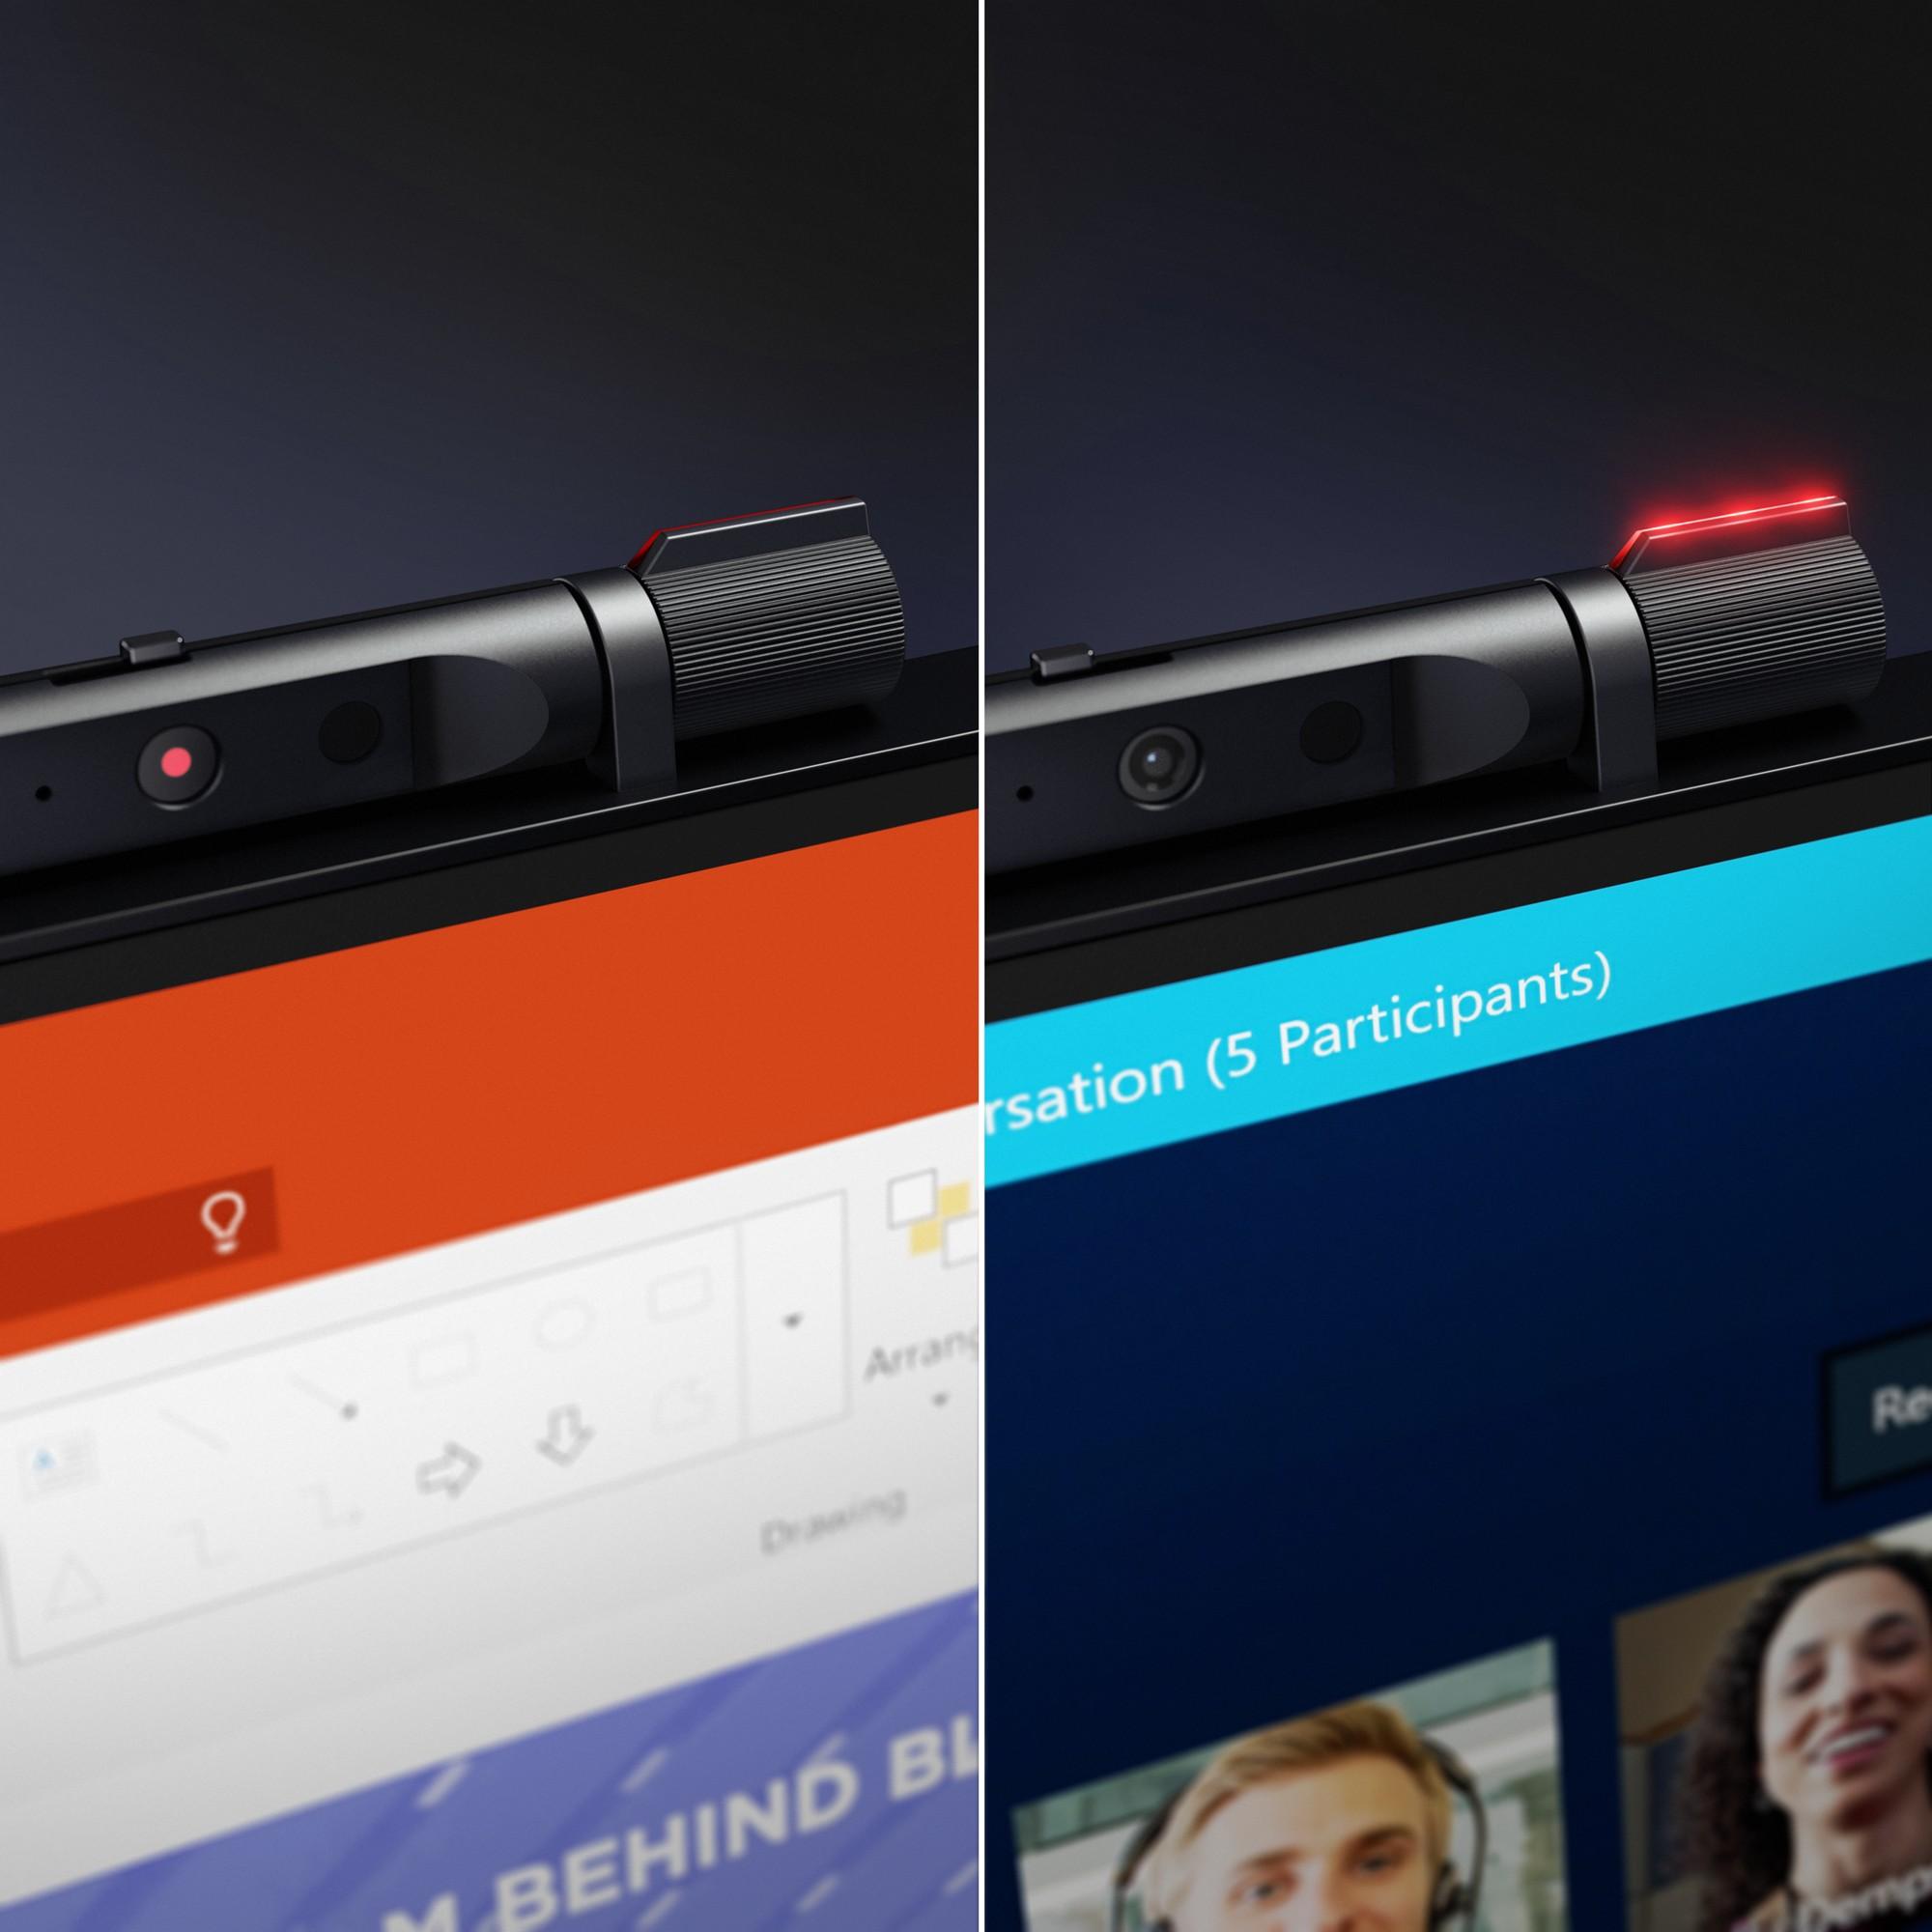 03 Thinkvision T27hv Closeup Traffic Light